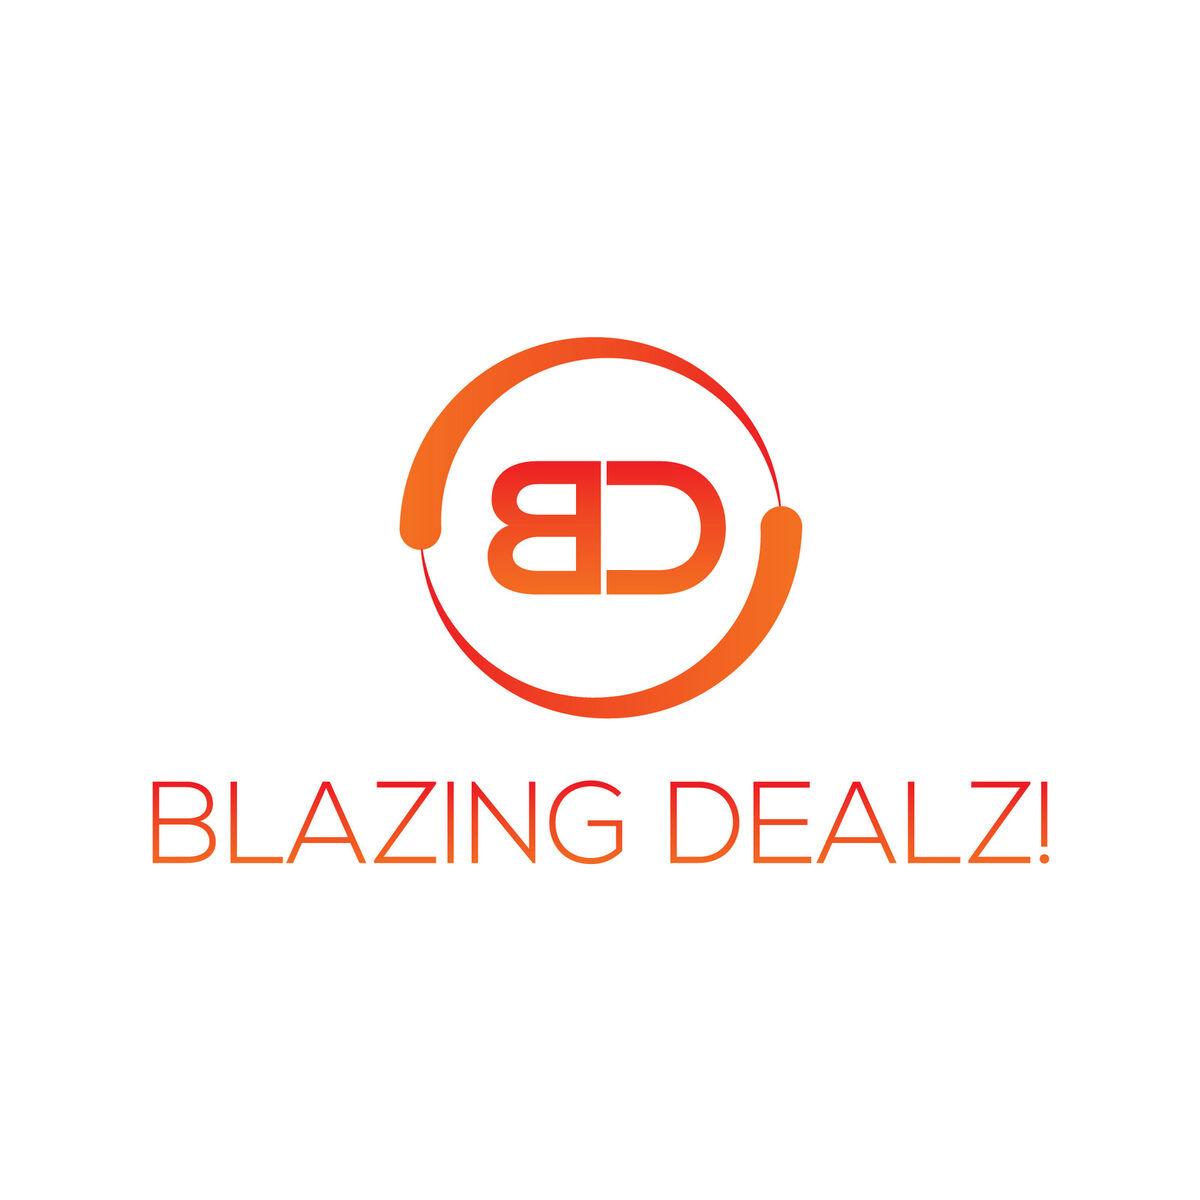 blazing_dealz#1